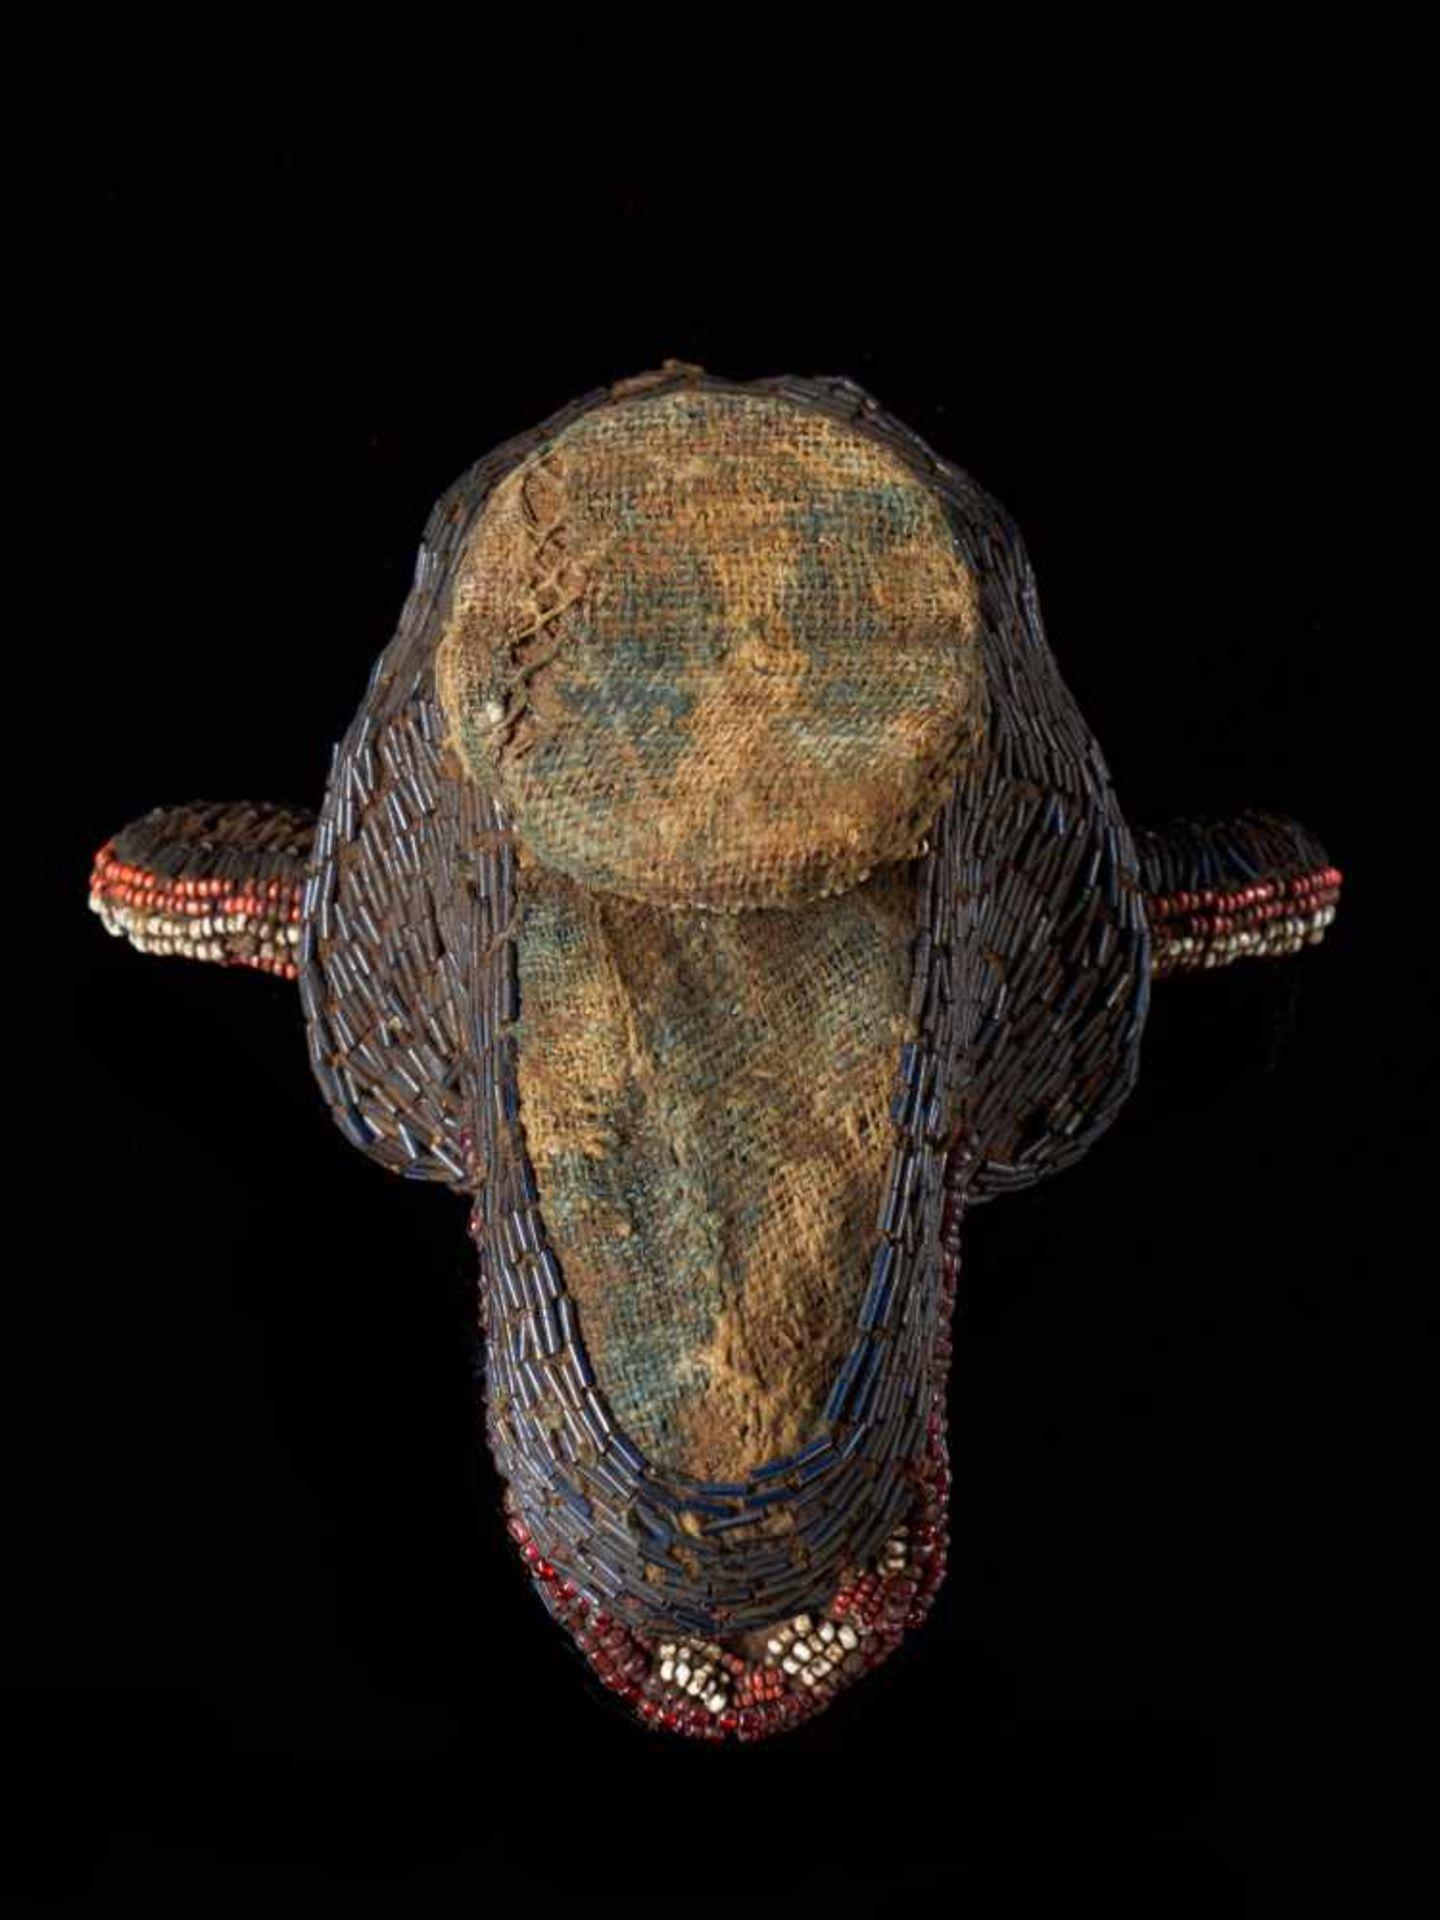 Beaded Monkey Head - Tribal ArtThis beaded monkey head has a striking gaunt appearance. It is - Bild 5 aus 5